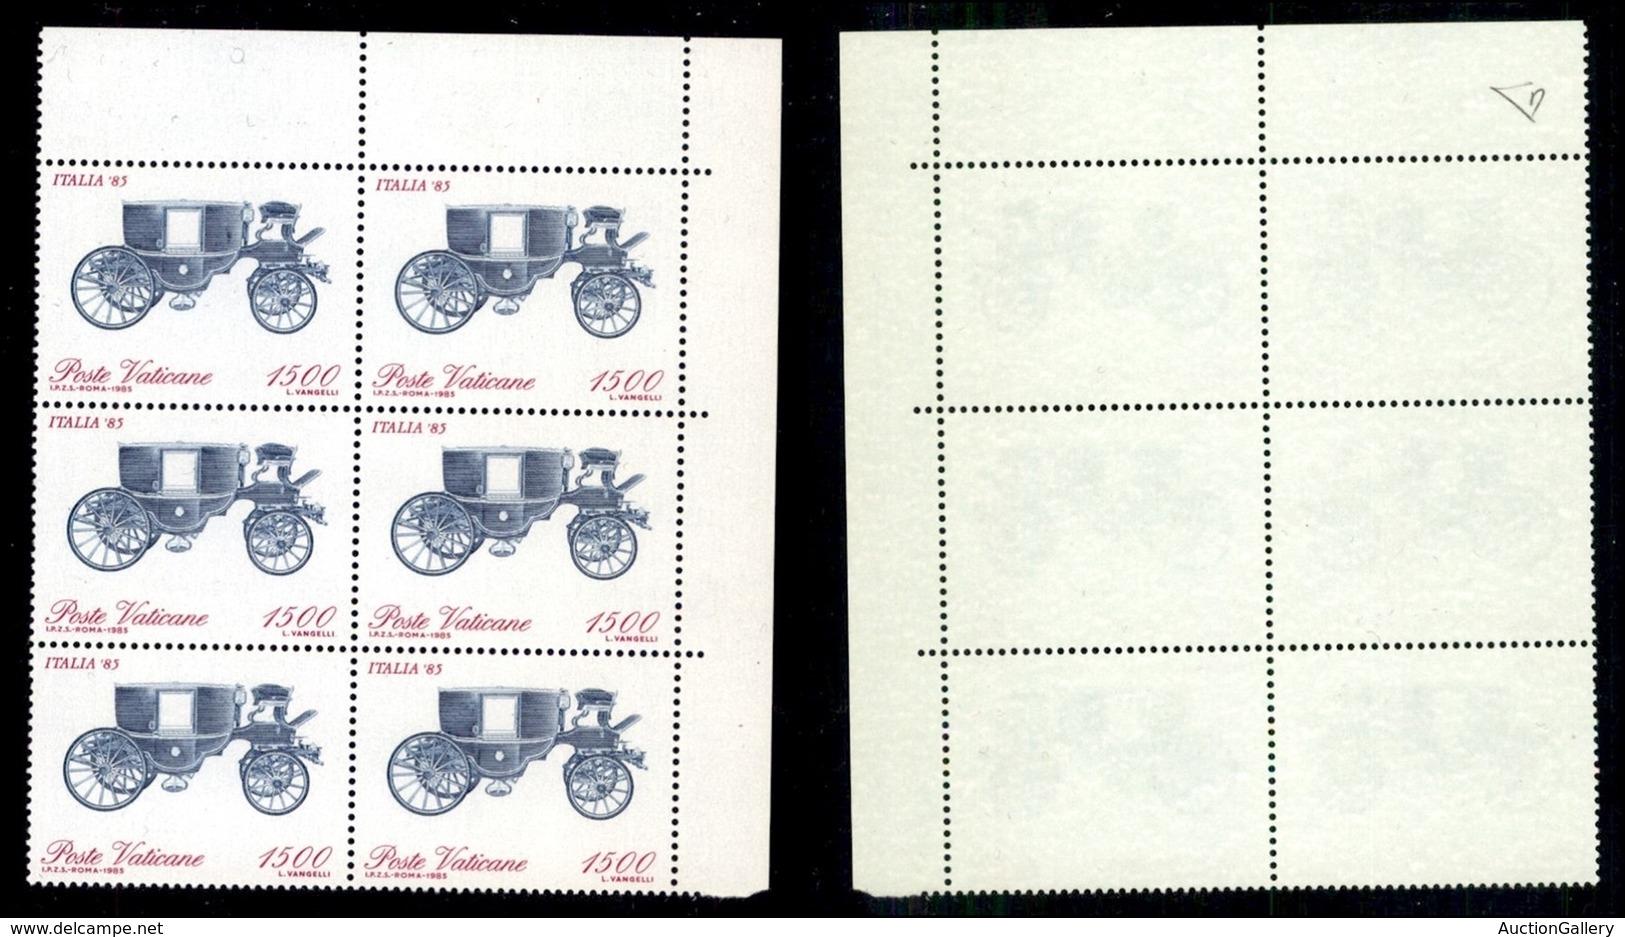 VATICANO - 1985 - 1500 Lire Italia 85 (785a) Con Carrozza In Alto - Blocco Angolare Di 6 - Gomma Integra - Cert. Diena ( - Stamps